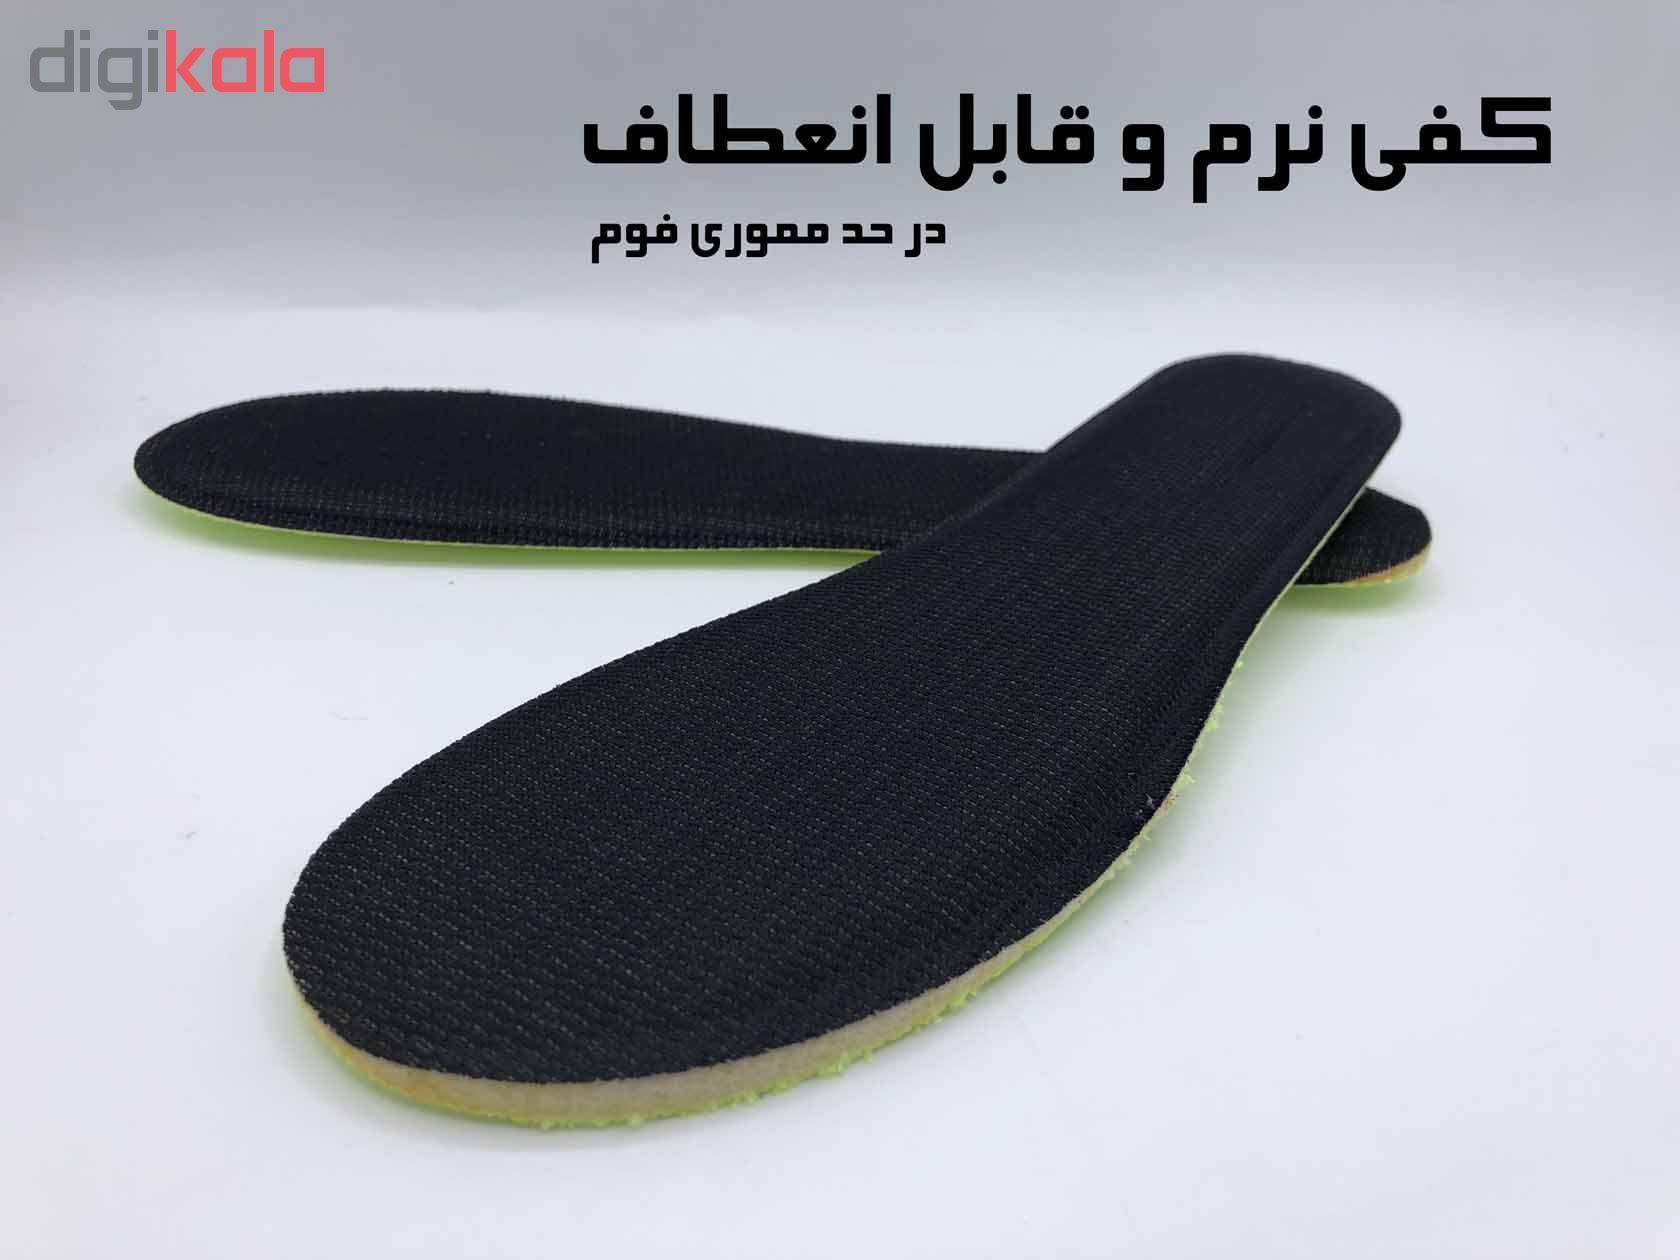 کفش مخصوص پیاده روی کد 38-02 main 1 5